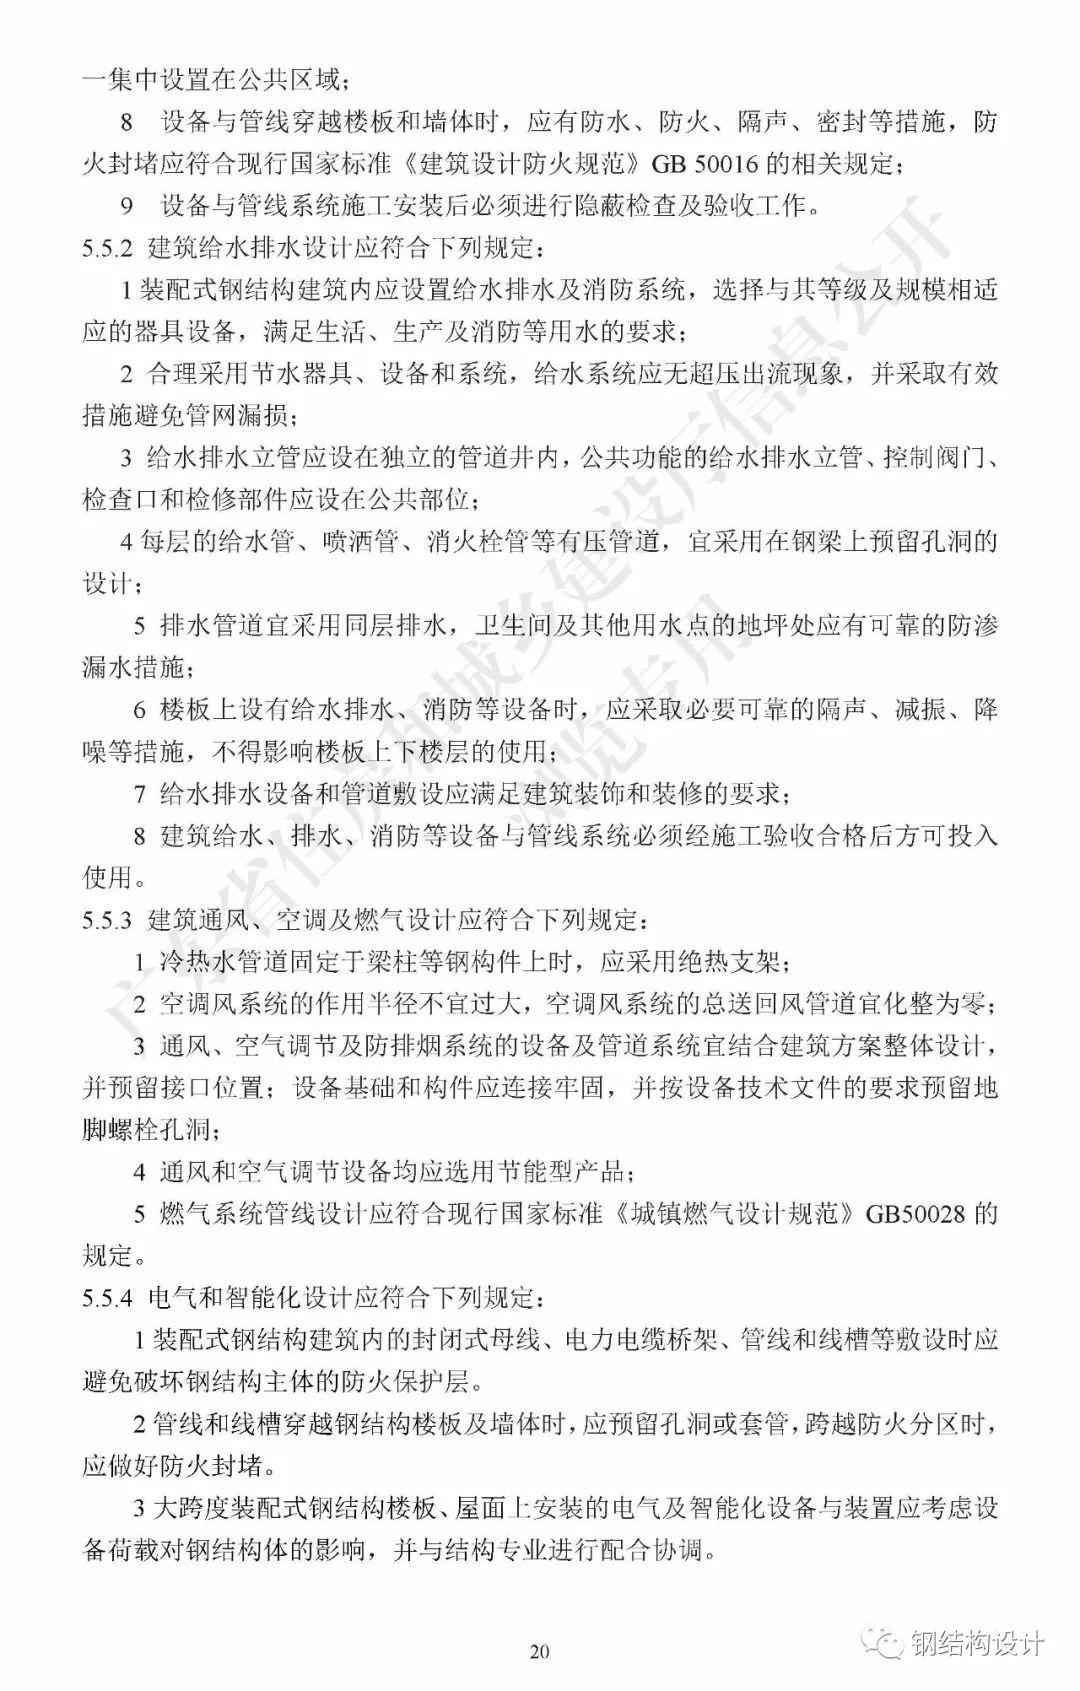 广东省《装配式钢结构建筑技术规程》发布_30